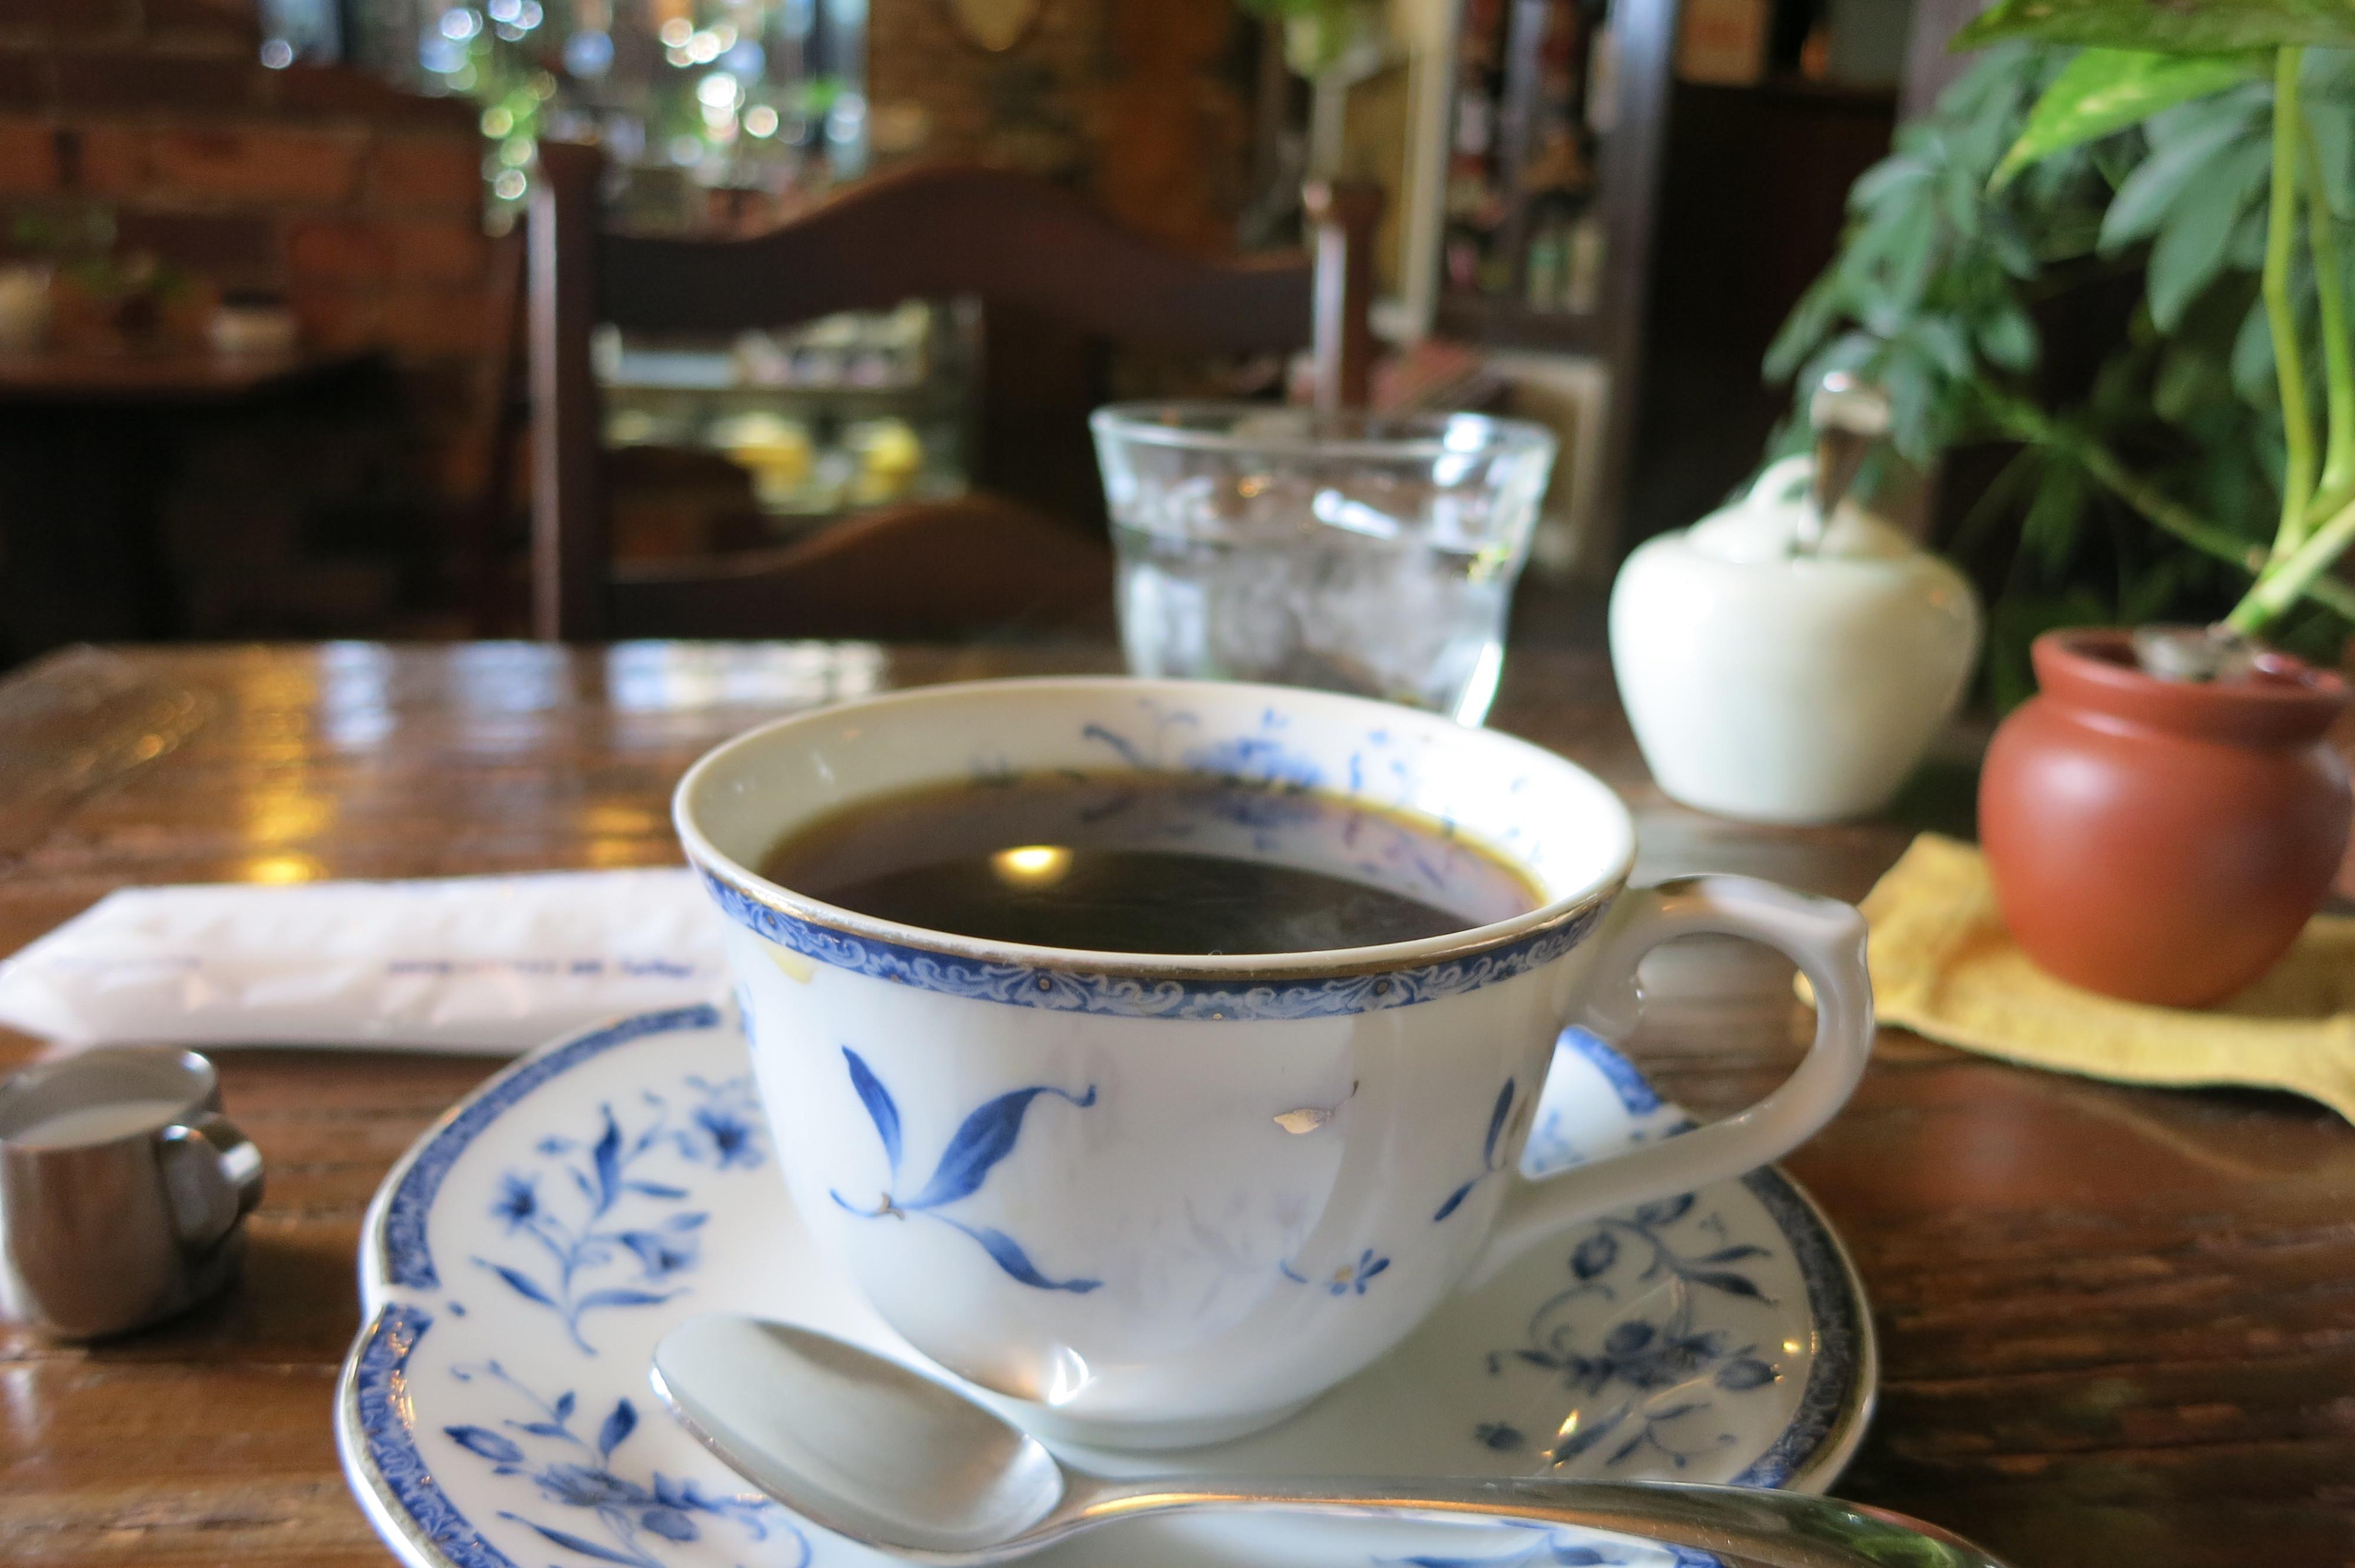 渋い喫茶店 和泉市 Caffee Domenica